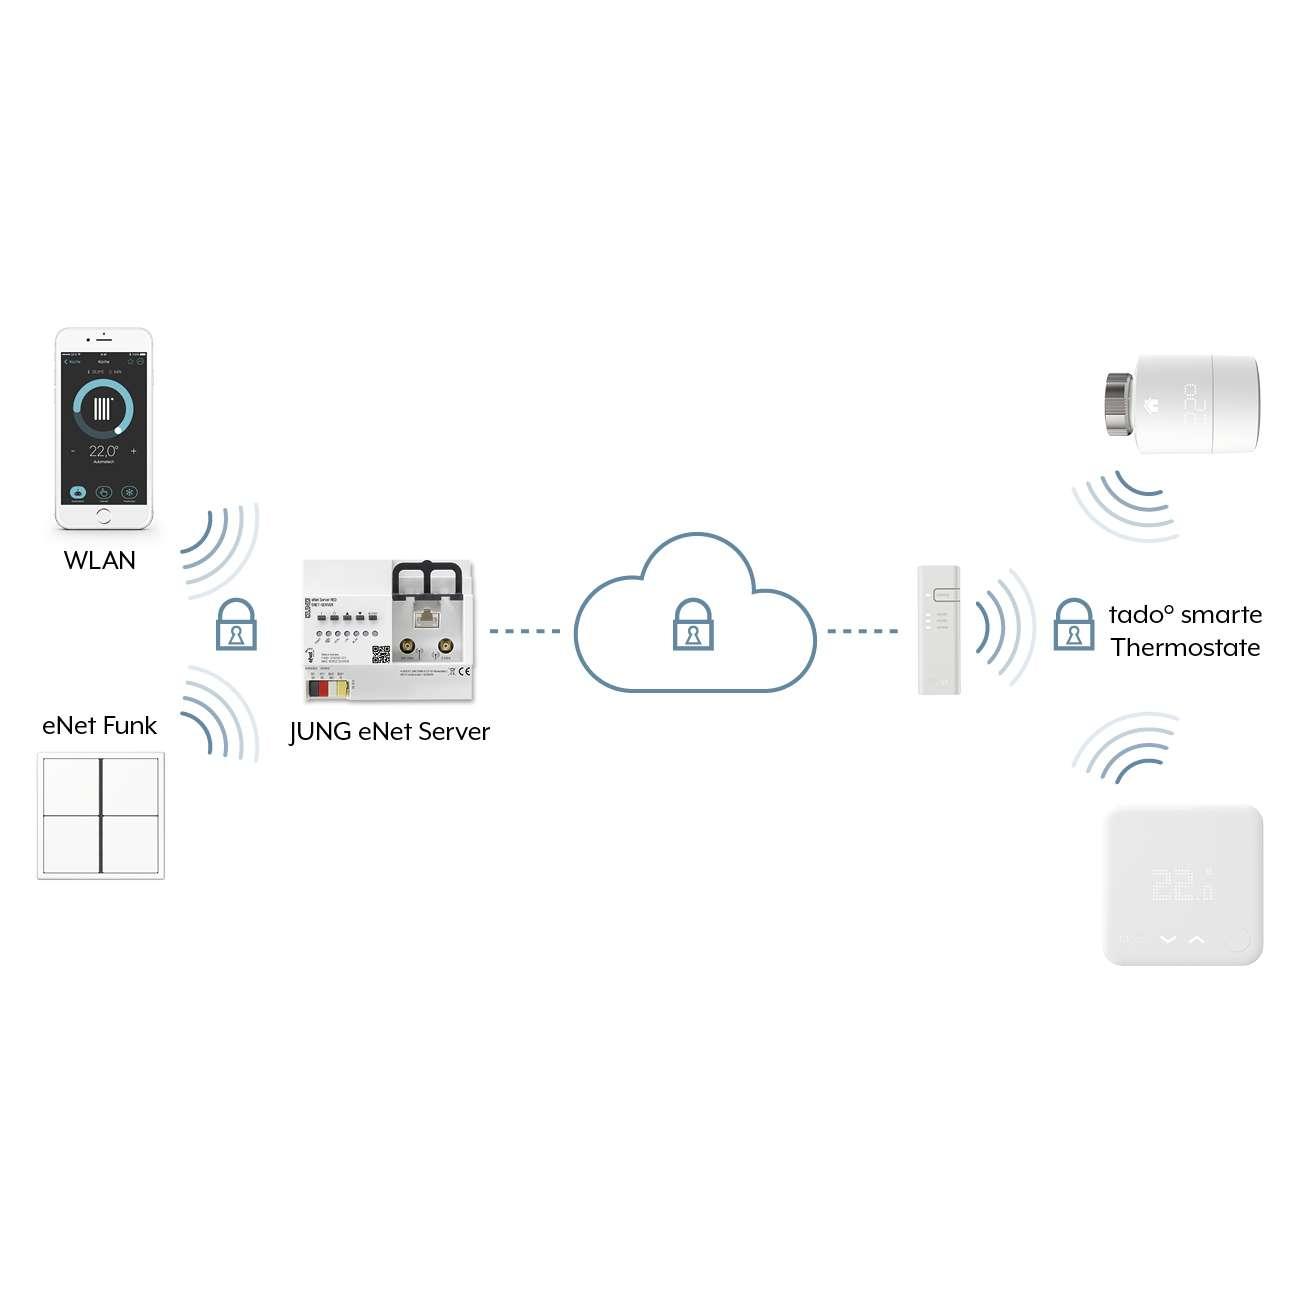 jung lanza smart home una app para el control remoto de enet su sistema dom tico inal mbrico. Black Bedroom Furniture Sets. Home Design Ideas